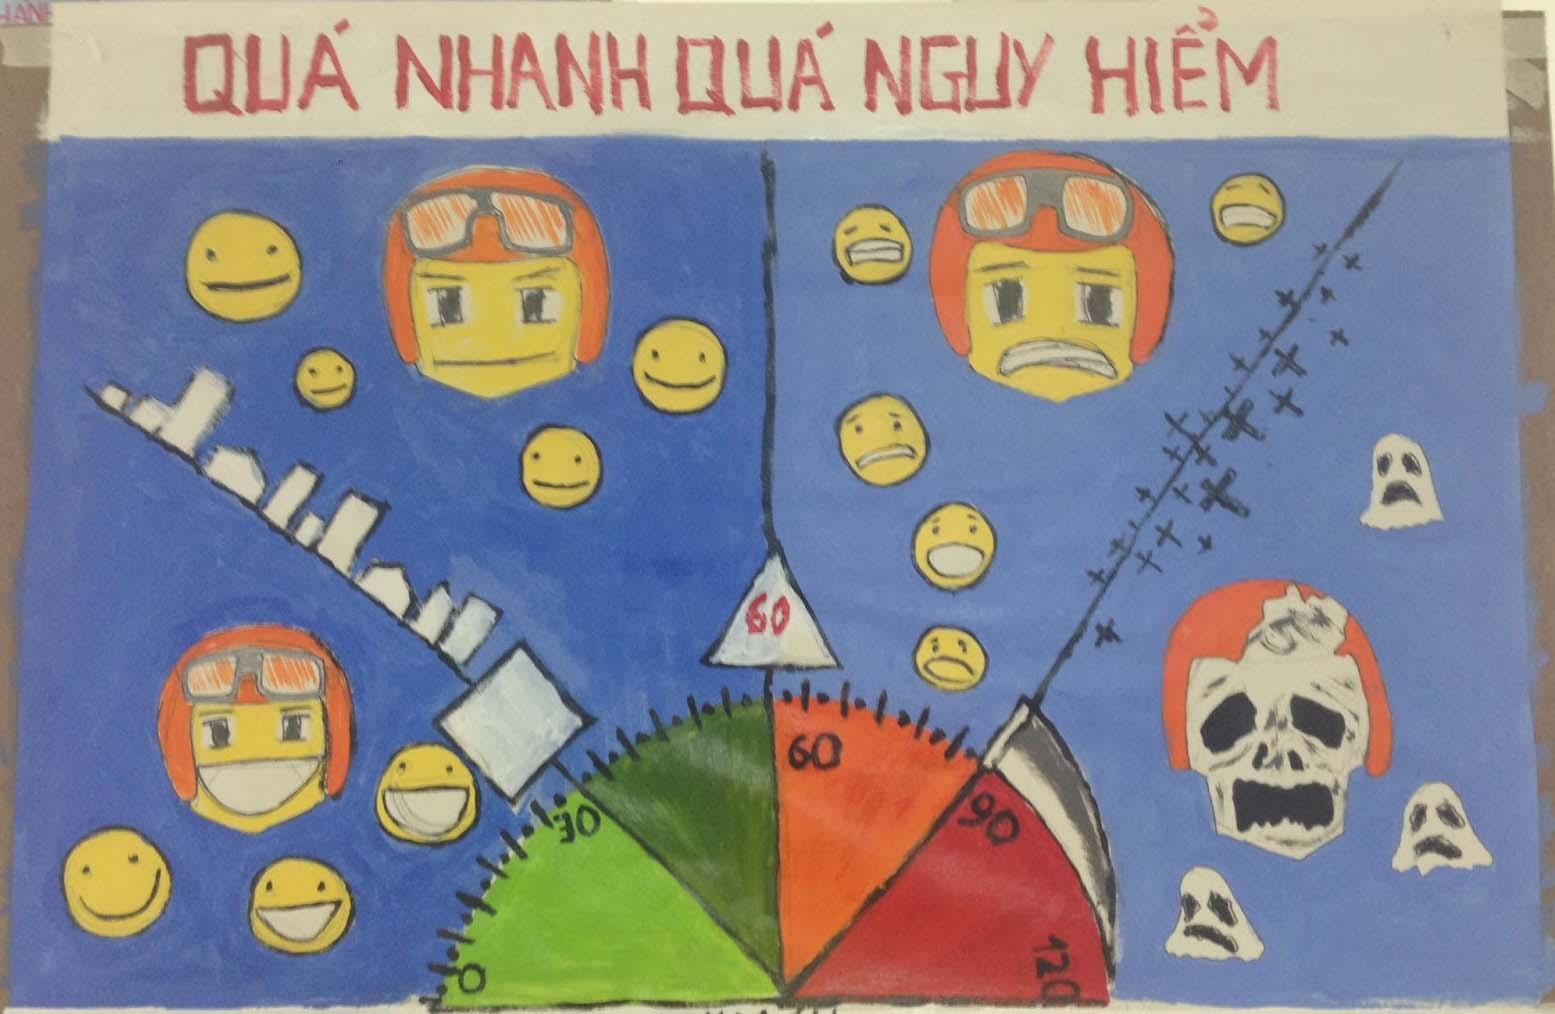 Tranh vẽ của học sinh về an toàn giao thông